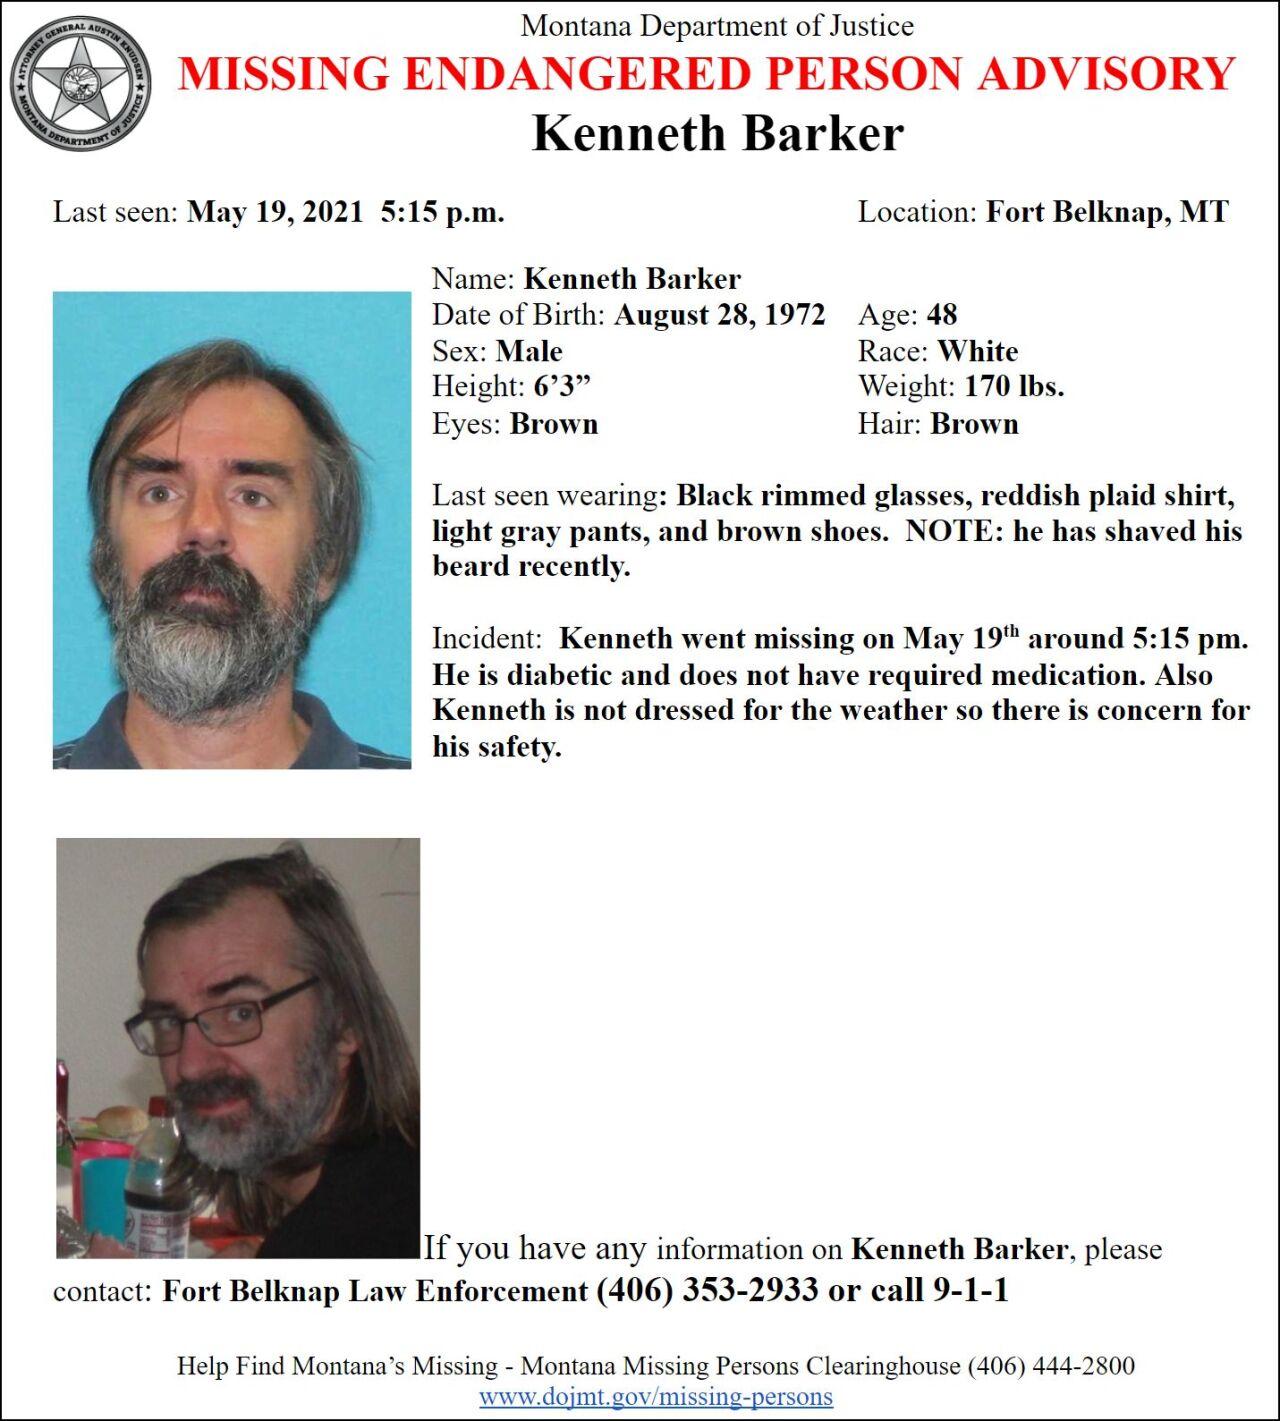 Missing-Endangered Person Advisory for Kenneth Barker